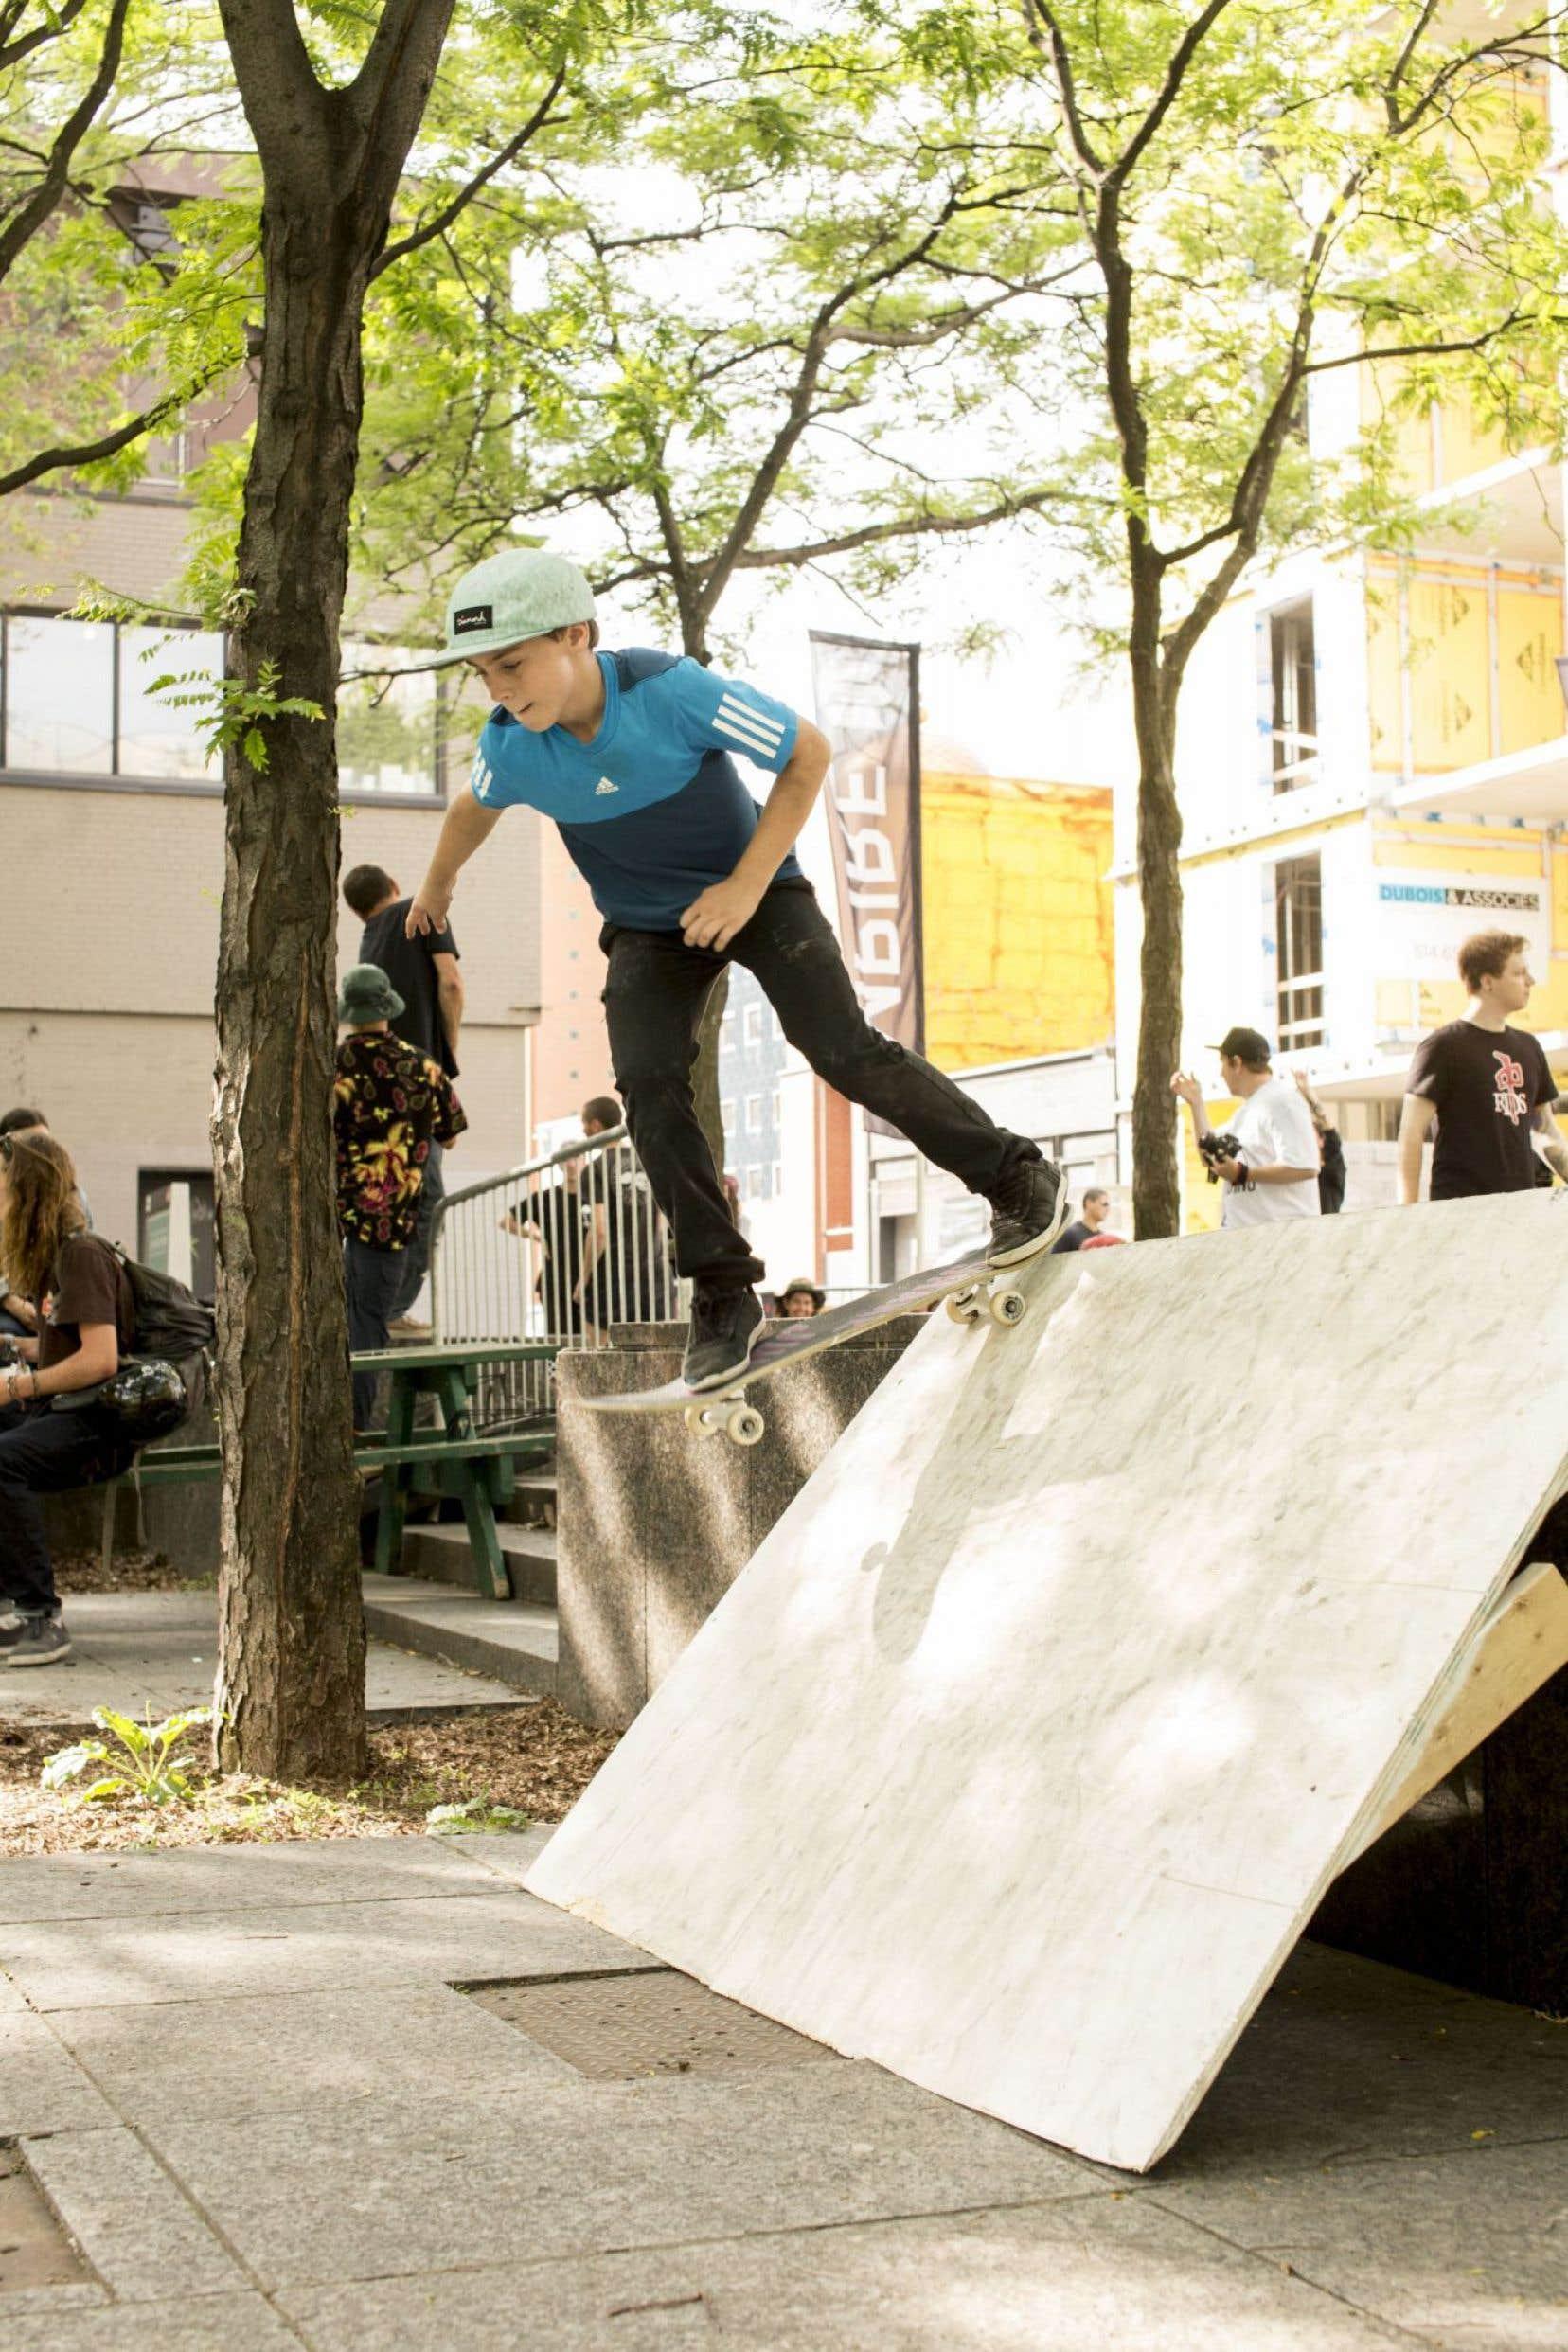 Pour lancer officiellement la saison, lors de la Journée internationale du Skateboard, le 21juin dernier, la place de la Paix a accueilli les adeptes de planche à roulettes de tous âges.